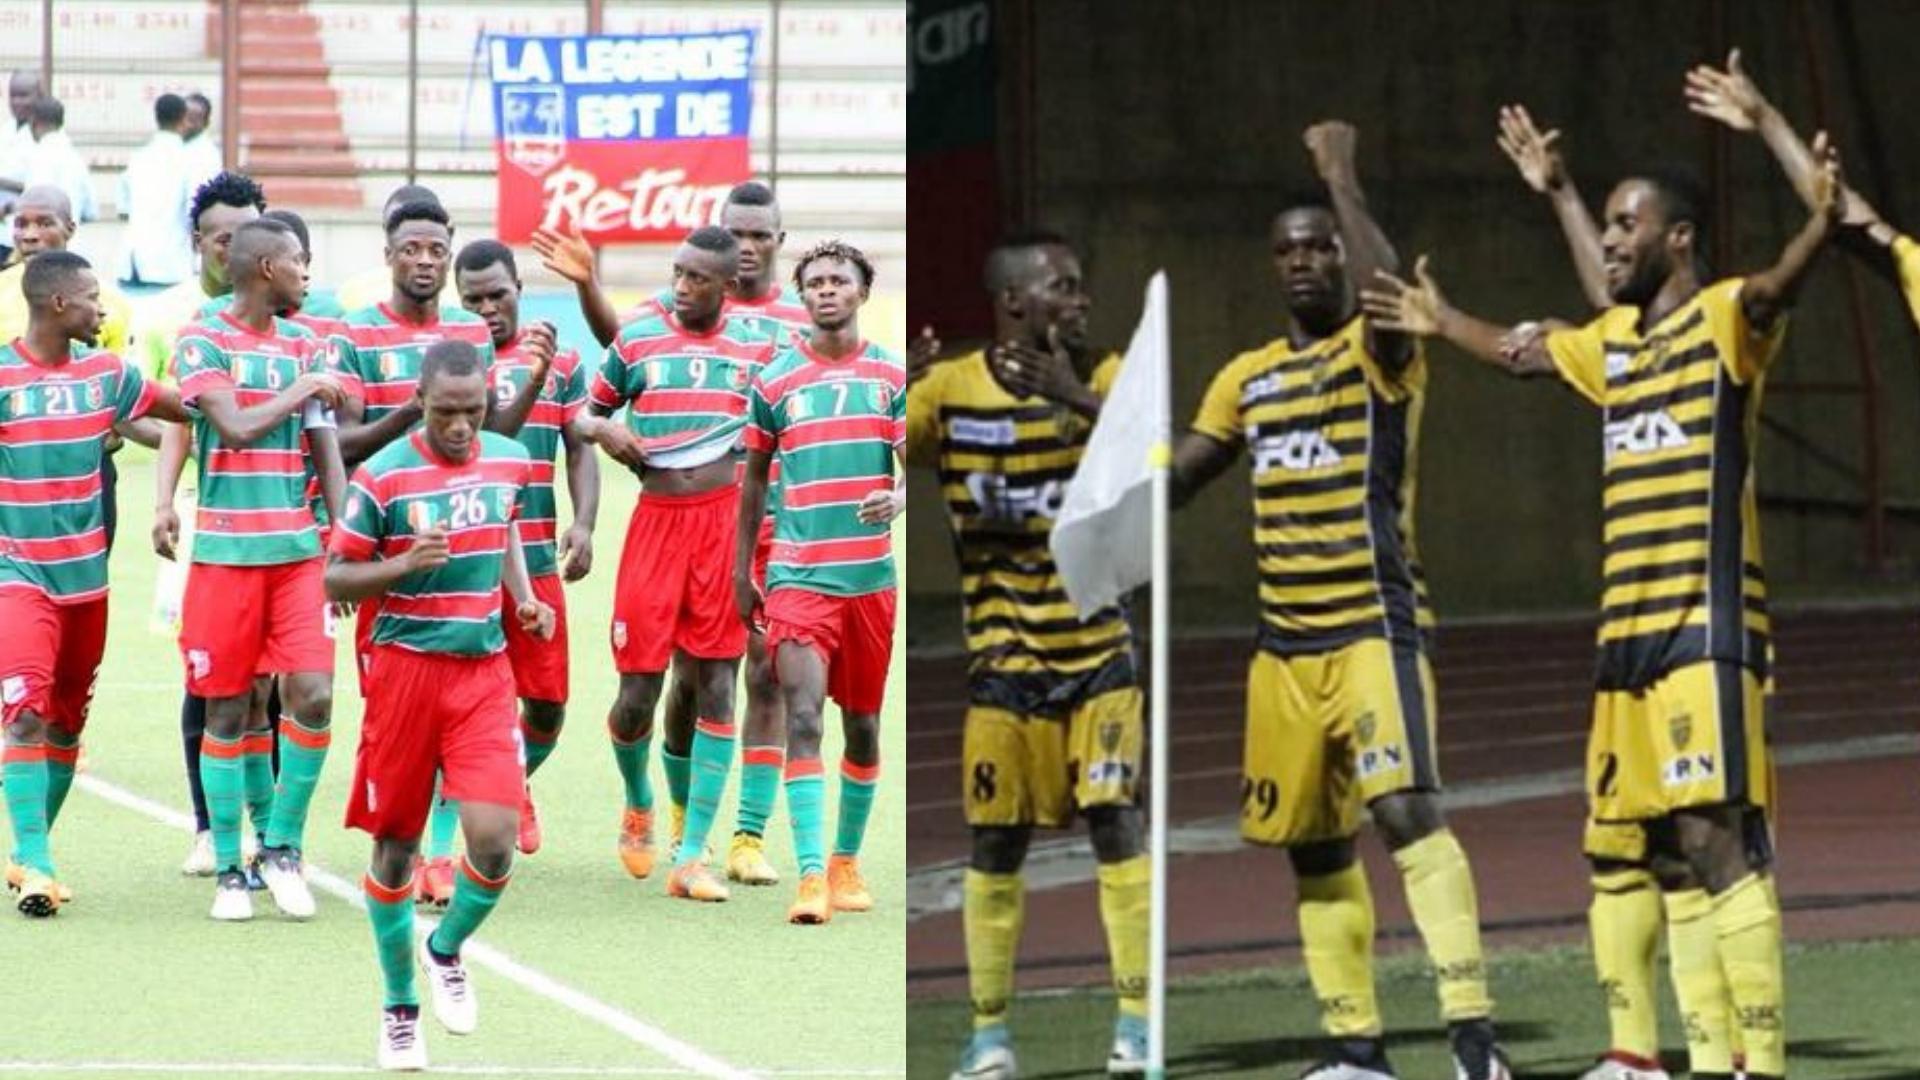 autrefois-un-derby-national-quel-asec-africa-en-2018